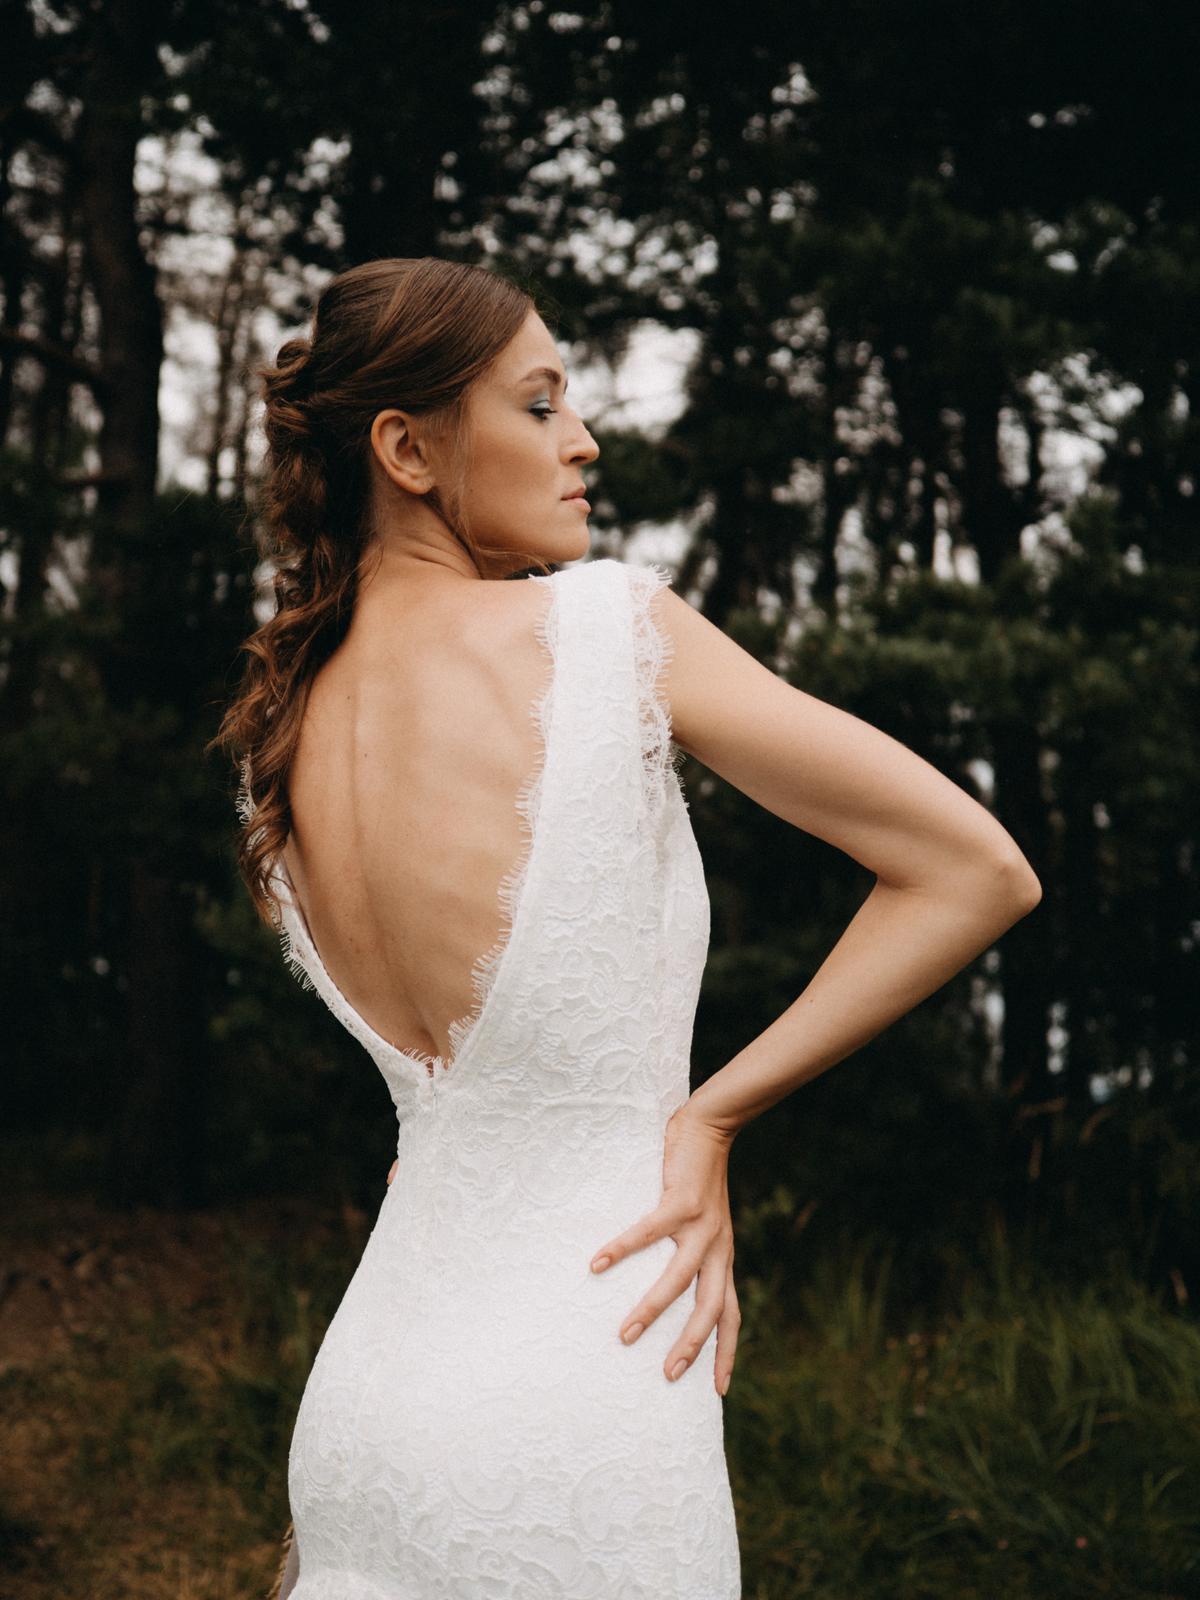 Celokrajkové svatební šaty vel. 36 - Obrázek č. 3